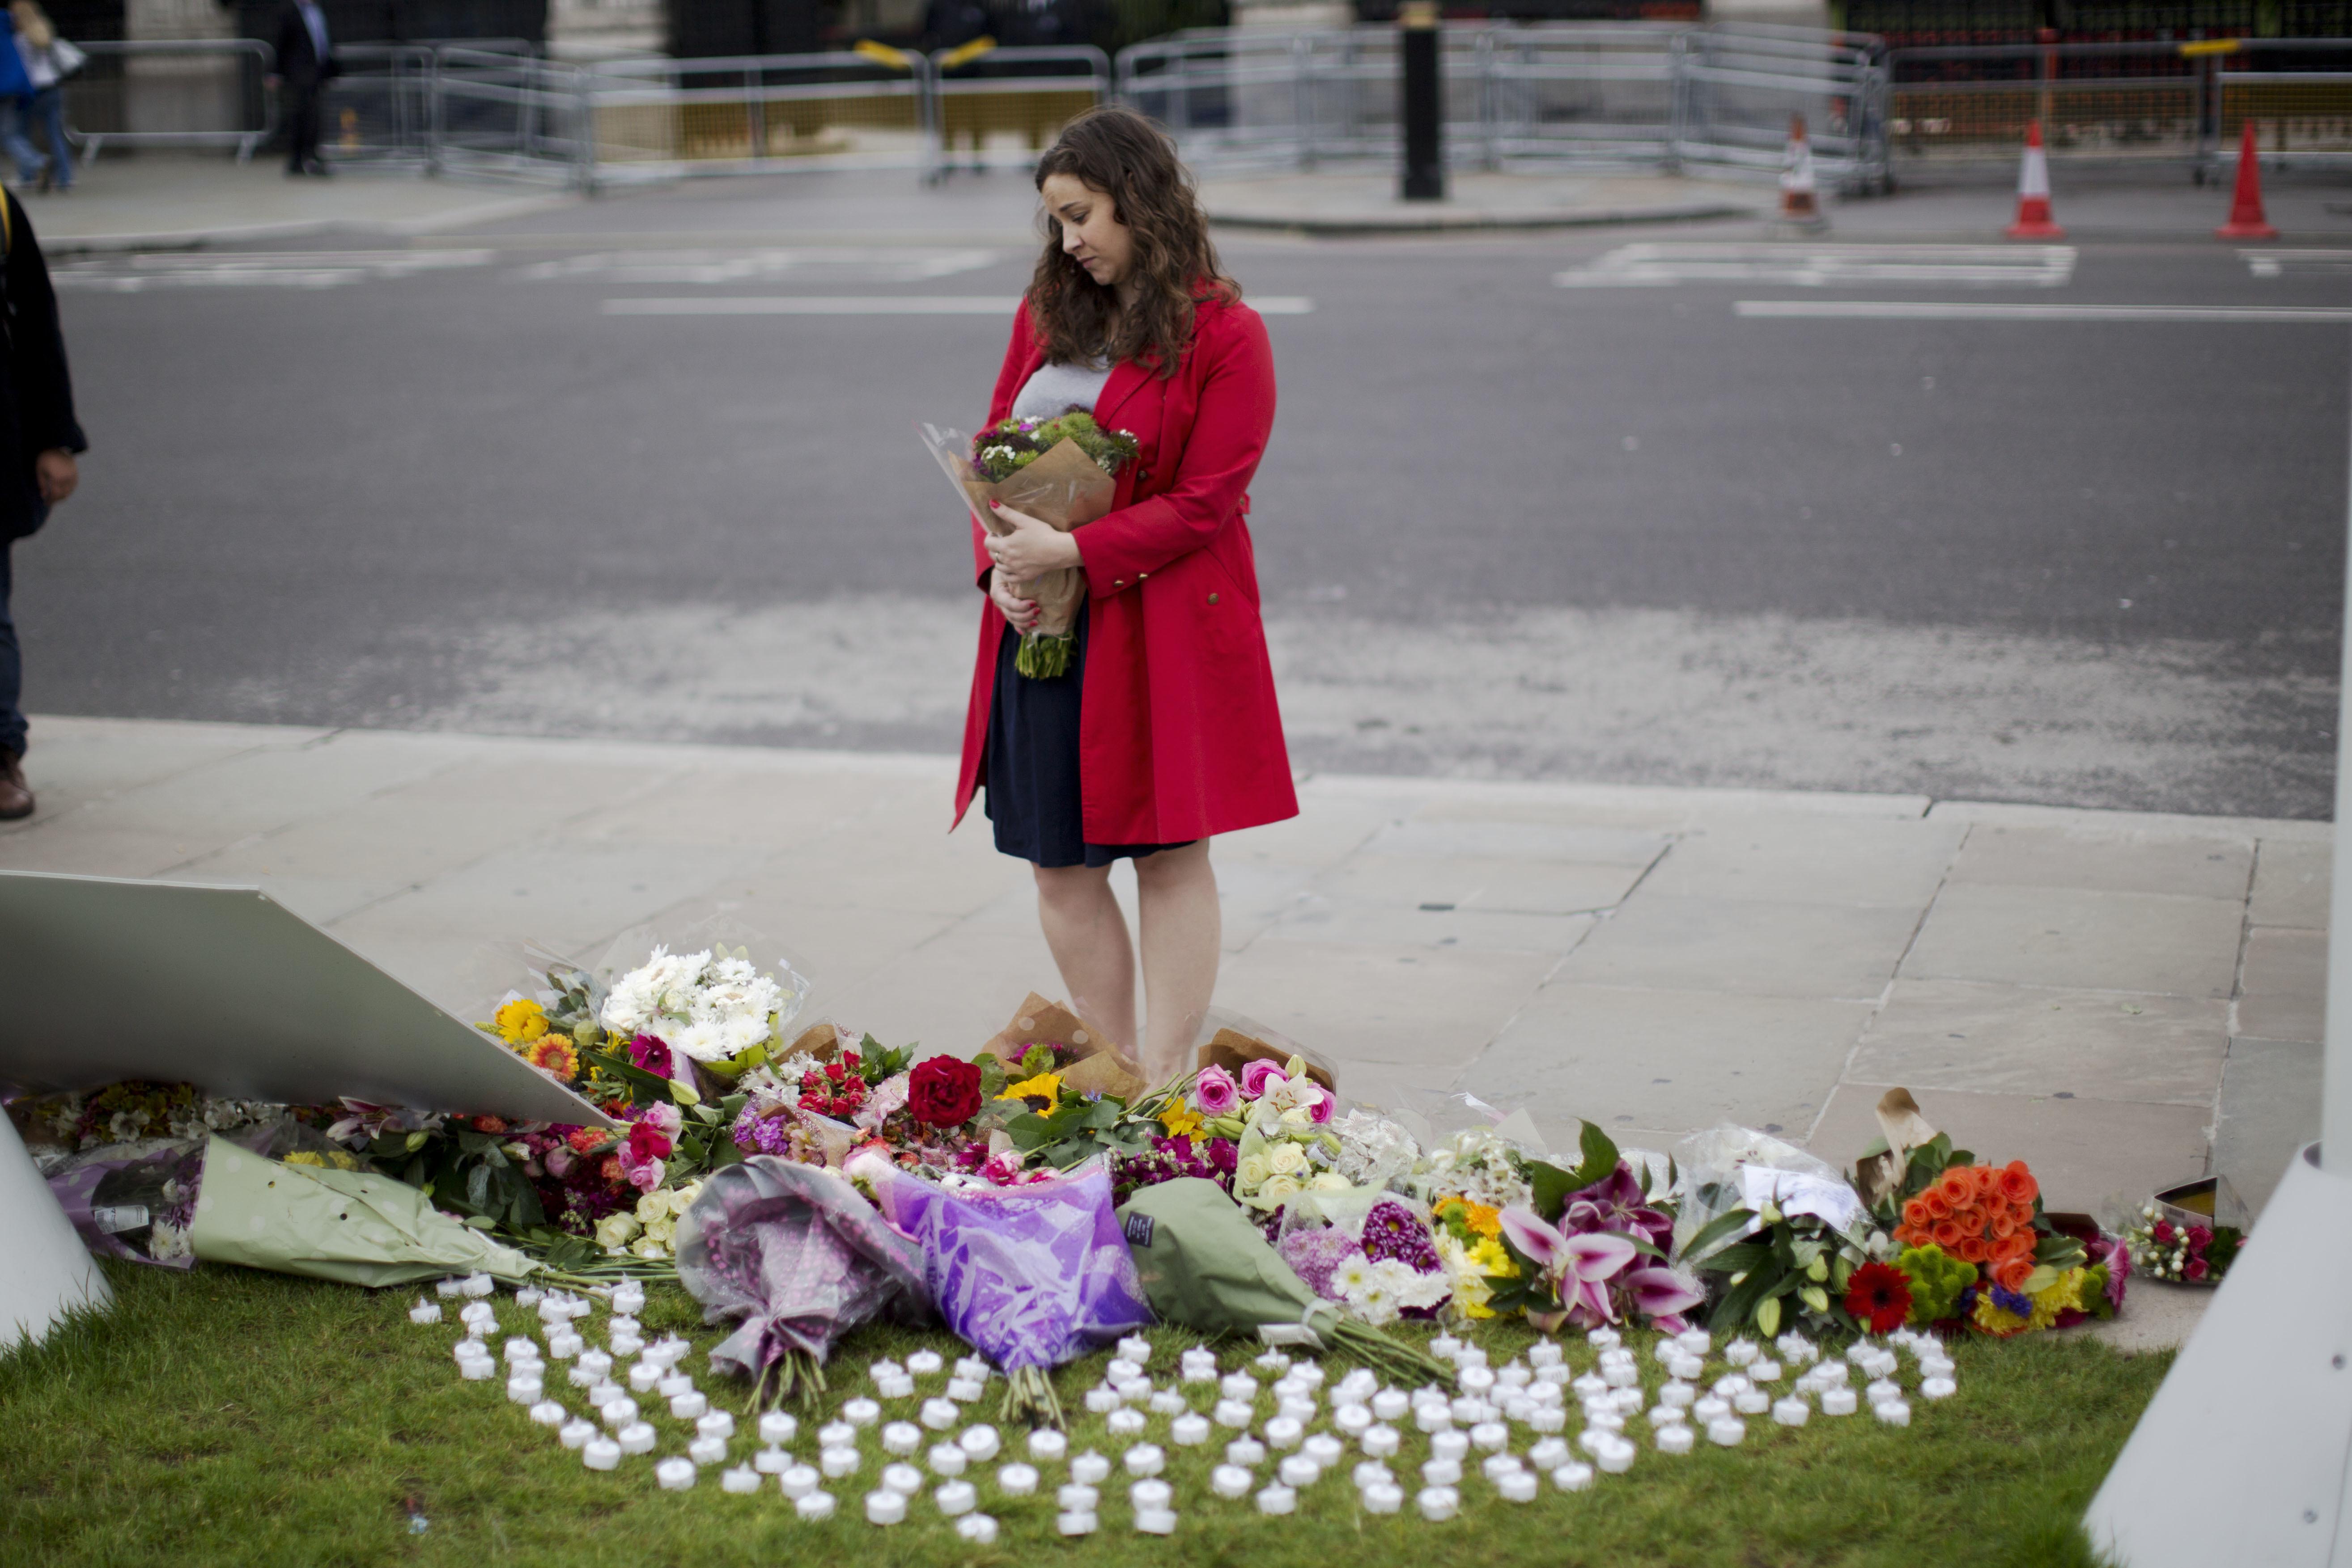 哀傷的民眾為遇刺的英國國會女議員柯克斯(Jo Cox)獻花。(美聯社)